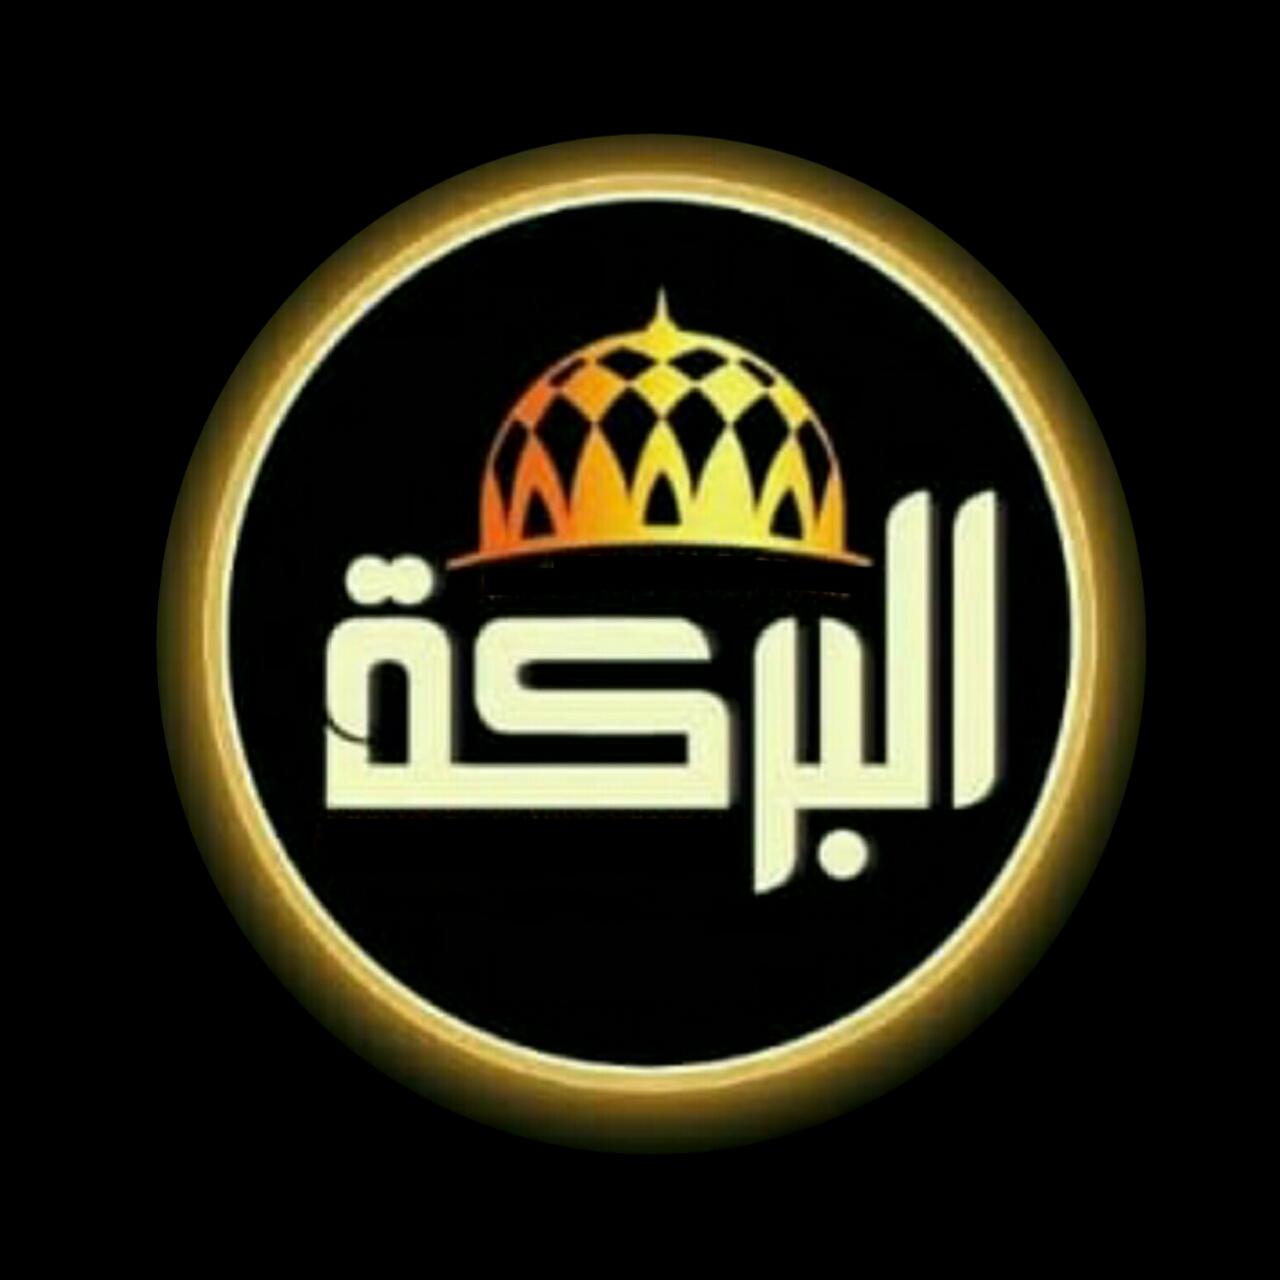 Inilah Makna Logo Al Barokah